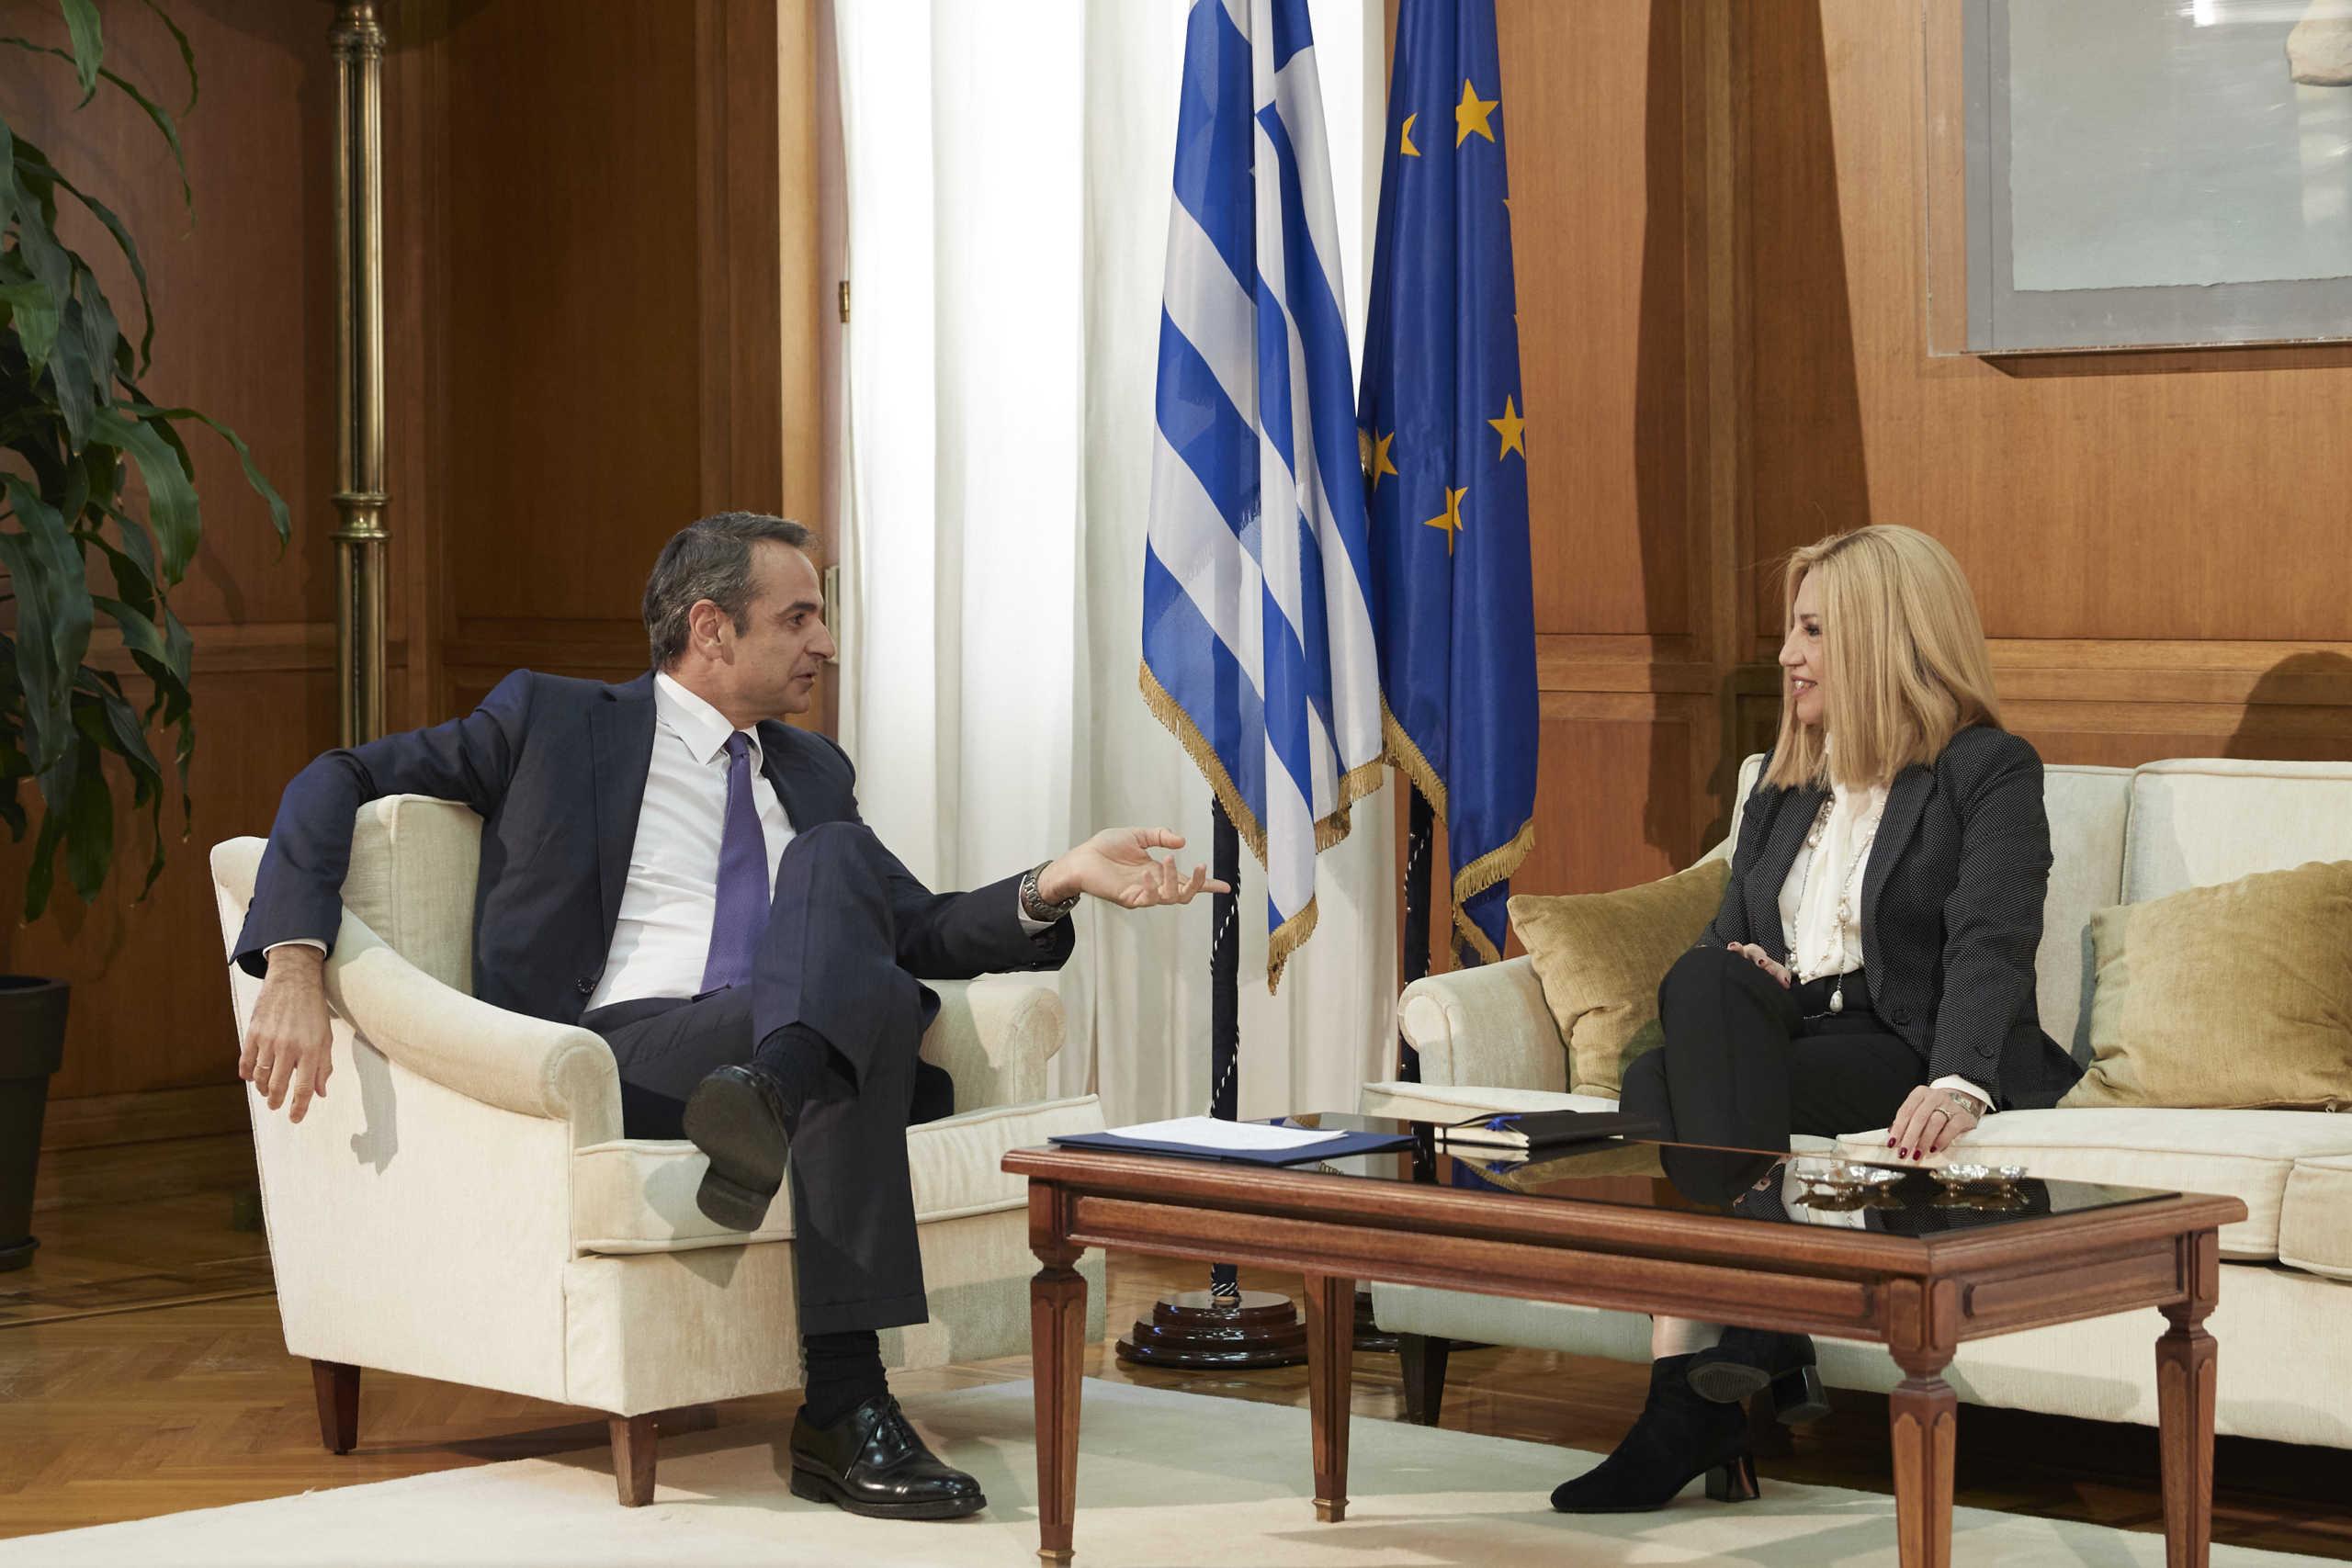 Με βιντεοκλήση θα ενημερώσει Τσίπρα και Γεννηματά για τον κορονοϊό ο πρωθυπουργός